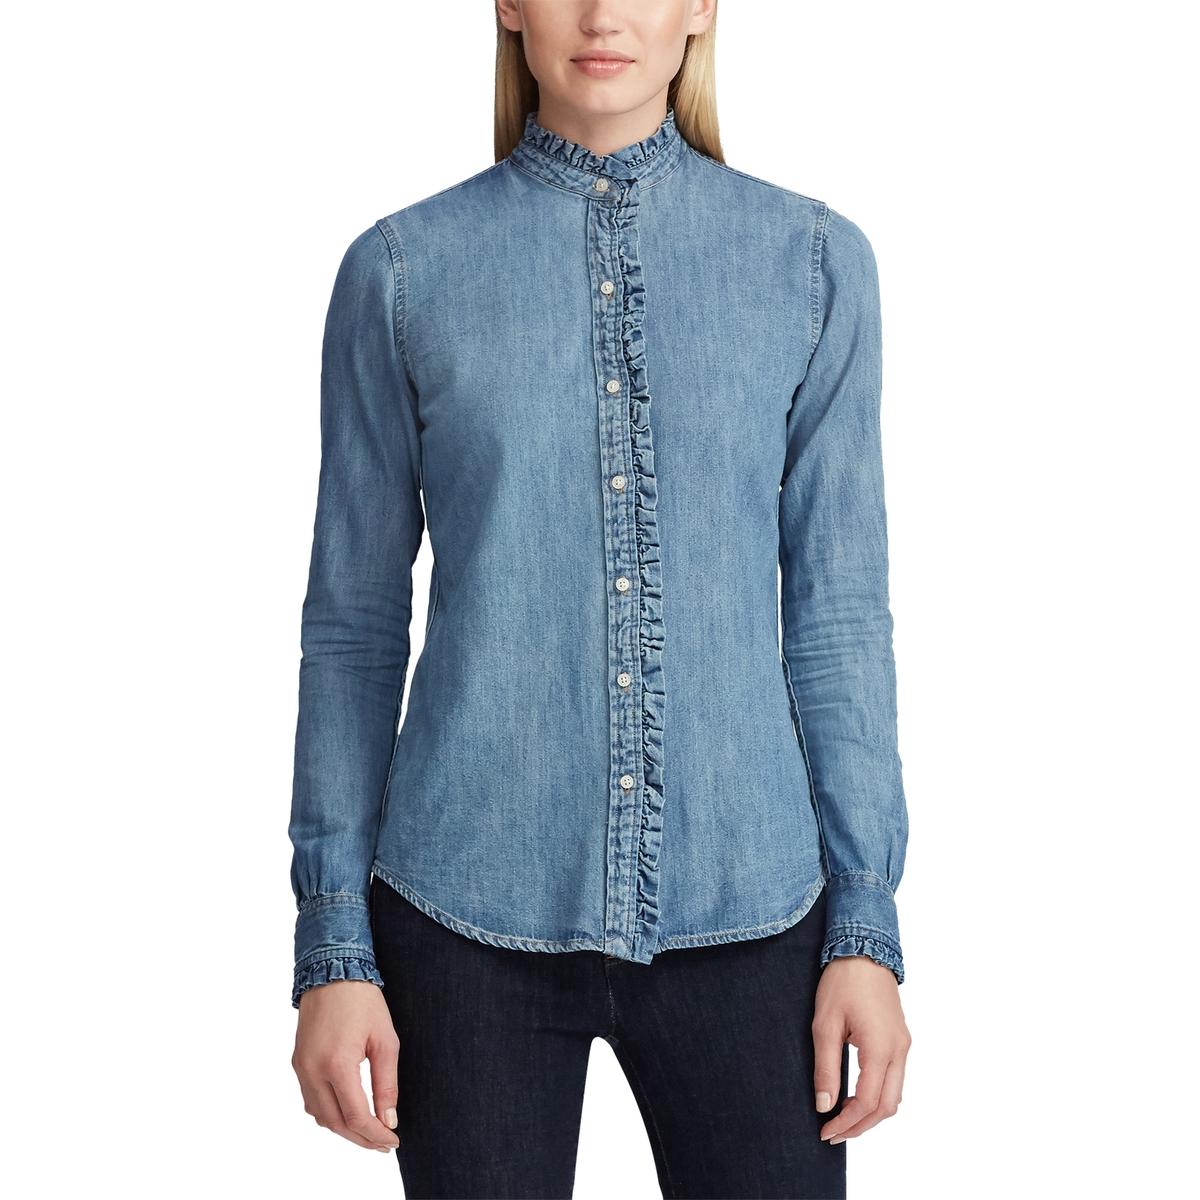 Рубашка La Redoute С длинными рукавами и воротником с воланом L синий рубашка la redoute с длинными рукавами и воротником стойкой с воланом 48 fr 54 rus розовый